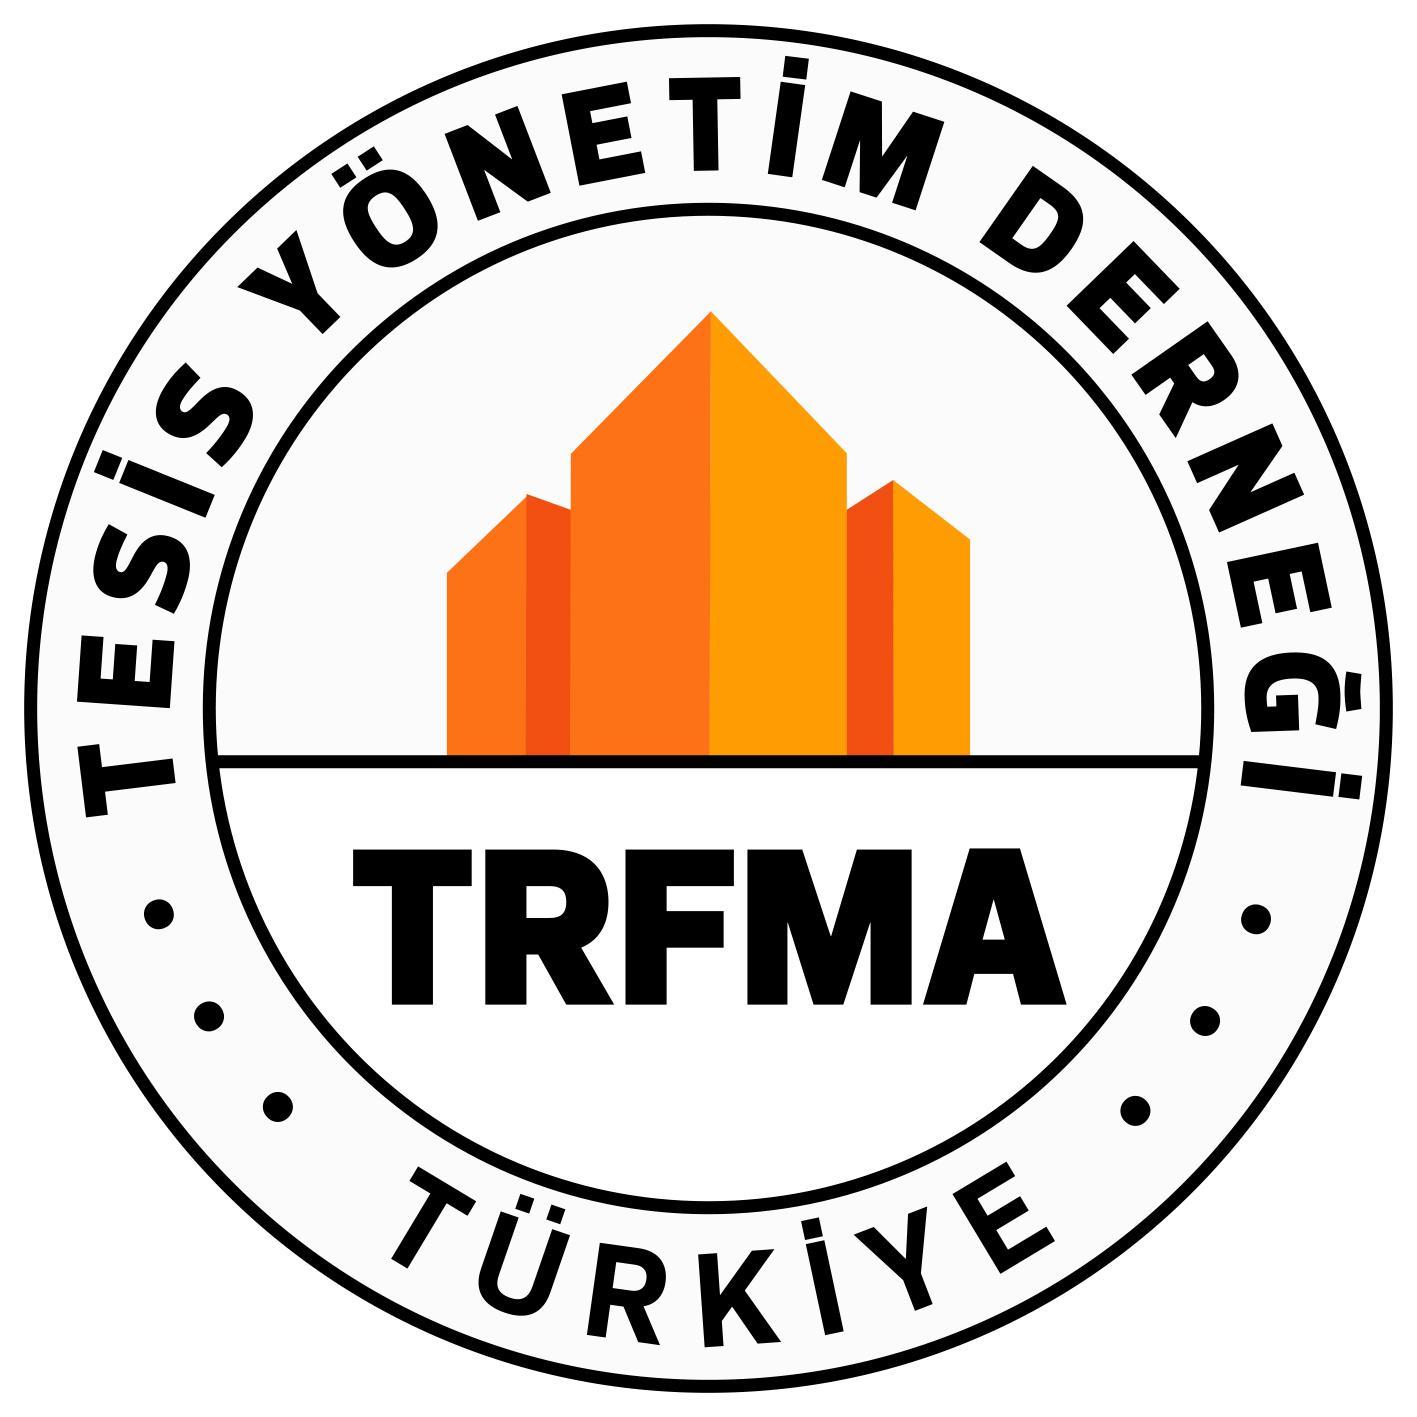 Tesis Yönetim Derneği (TRFMA) Kuruldu